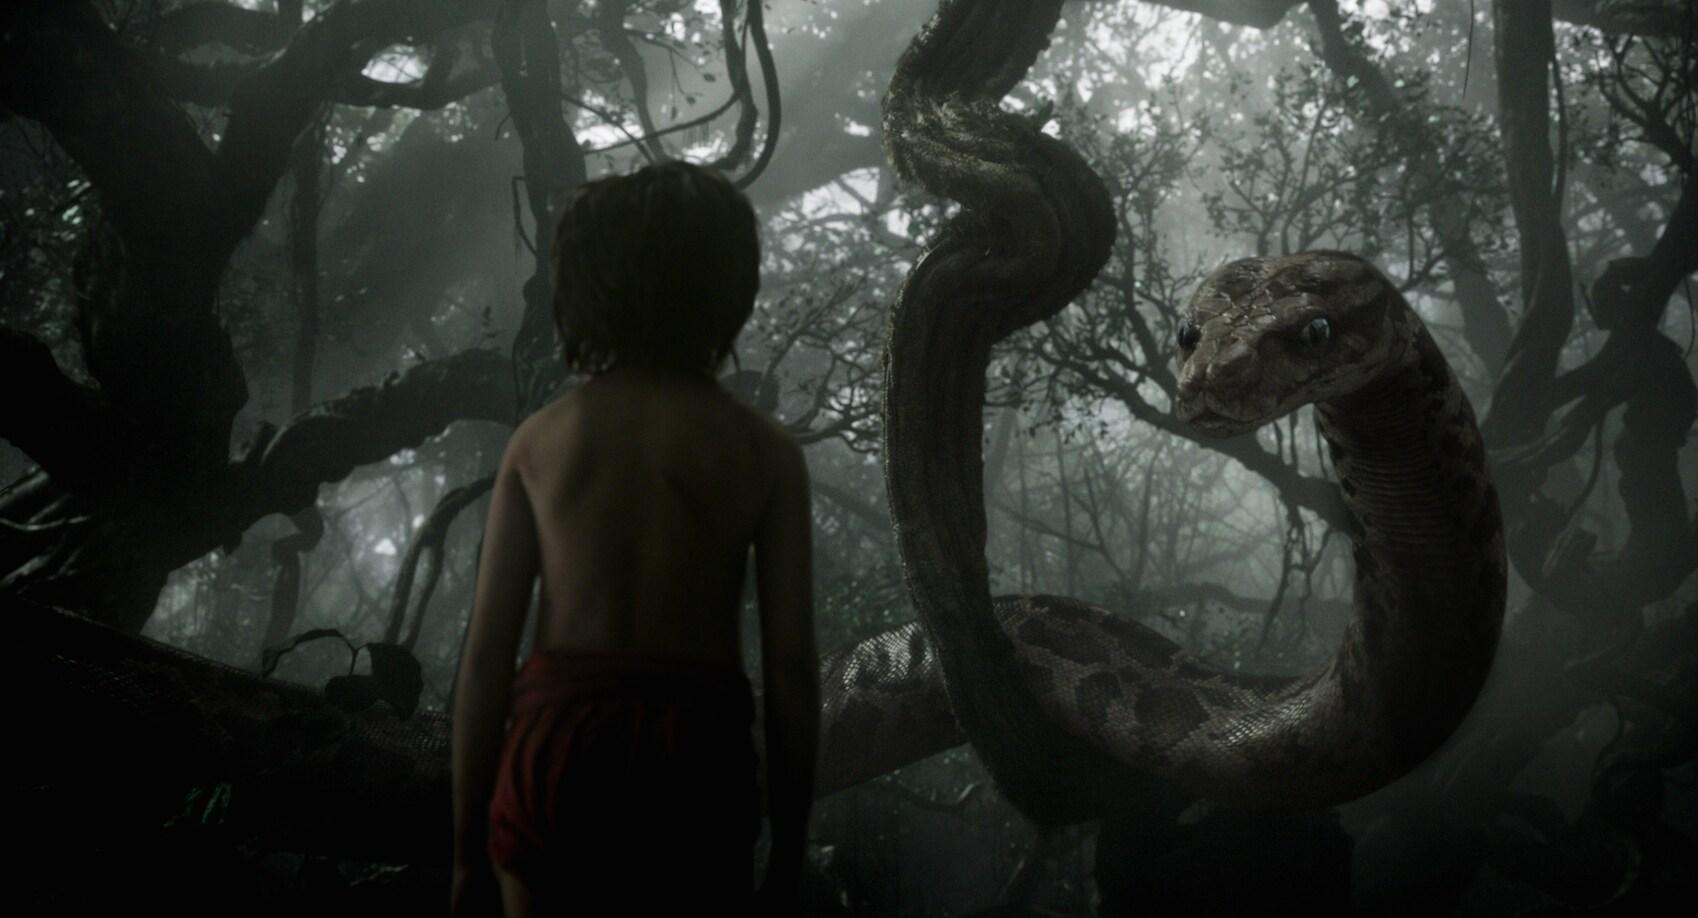 """Mowgli (Neel Sethi) meets Kaa (Scarlett Johansson) in """"The Jungle Book"""""""